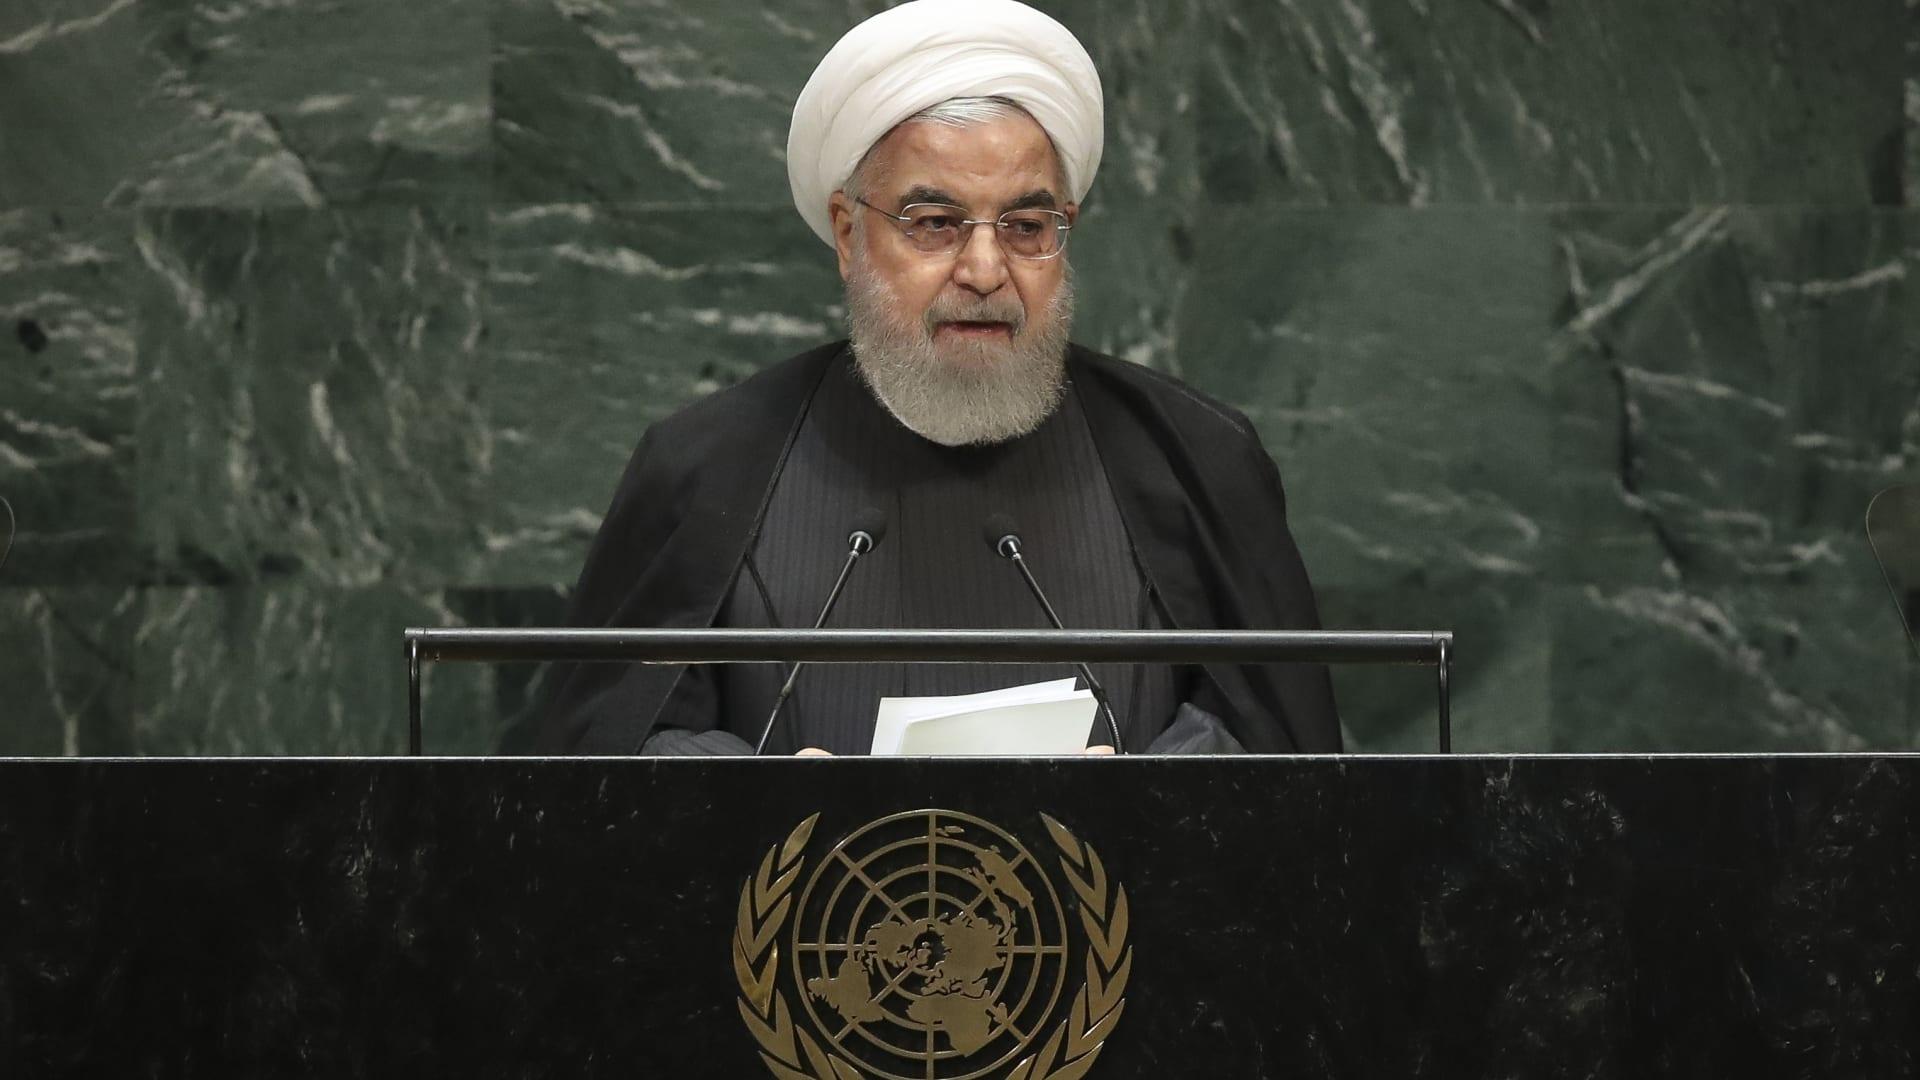 ظريف لـCNN عن المفاوضات مع واشنطن: إيران أكثر حكمة من الوقوع في الفخ